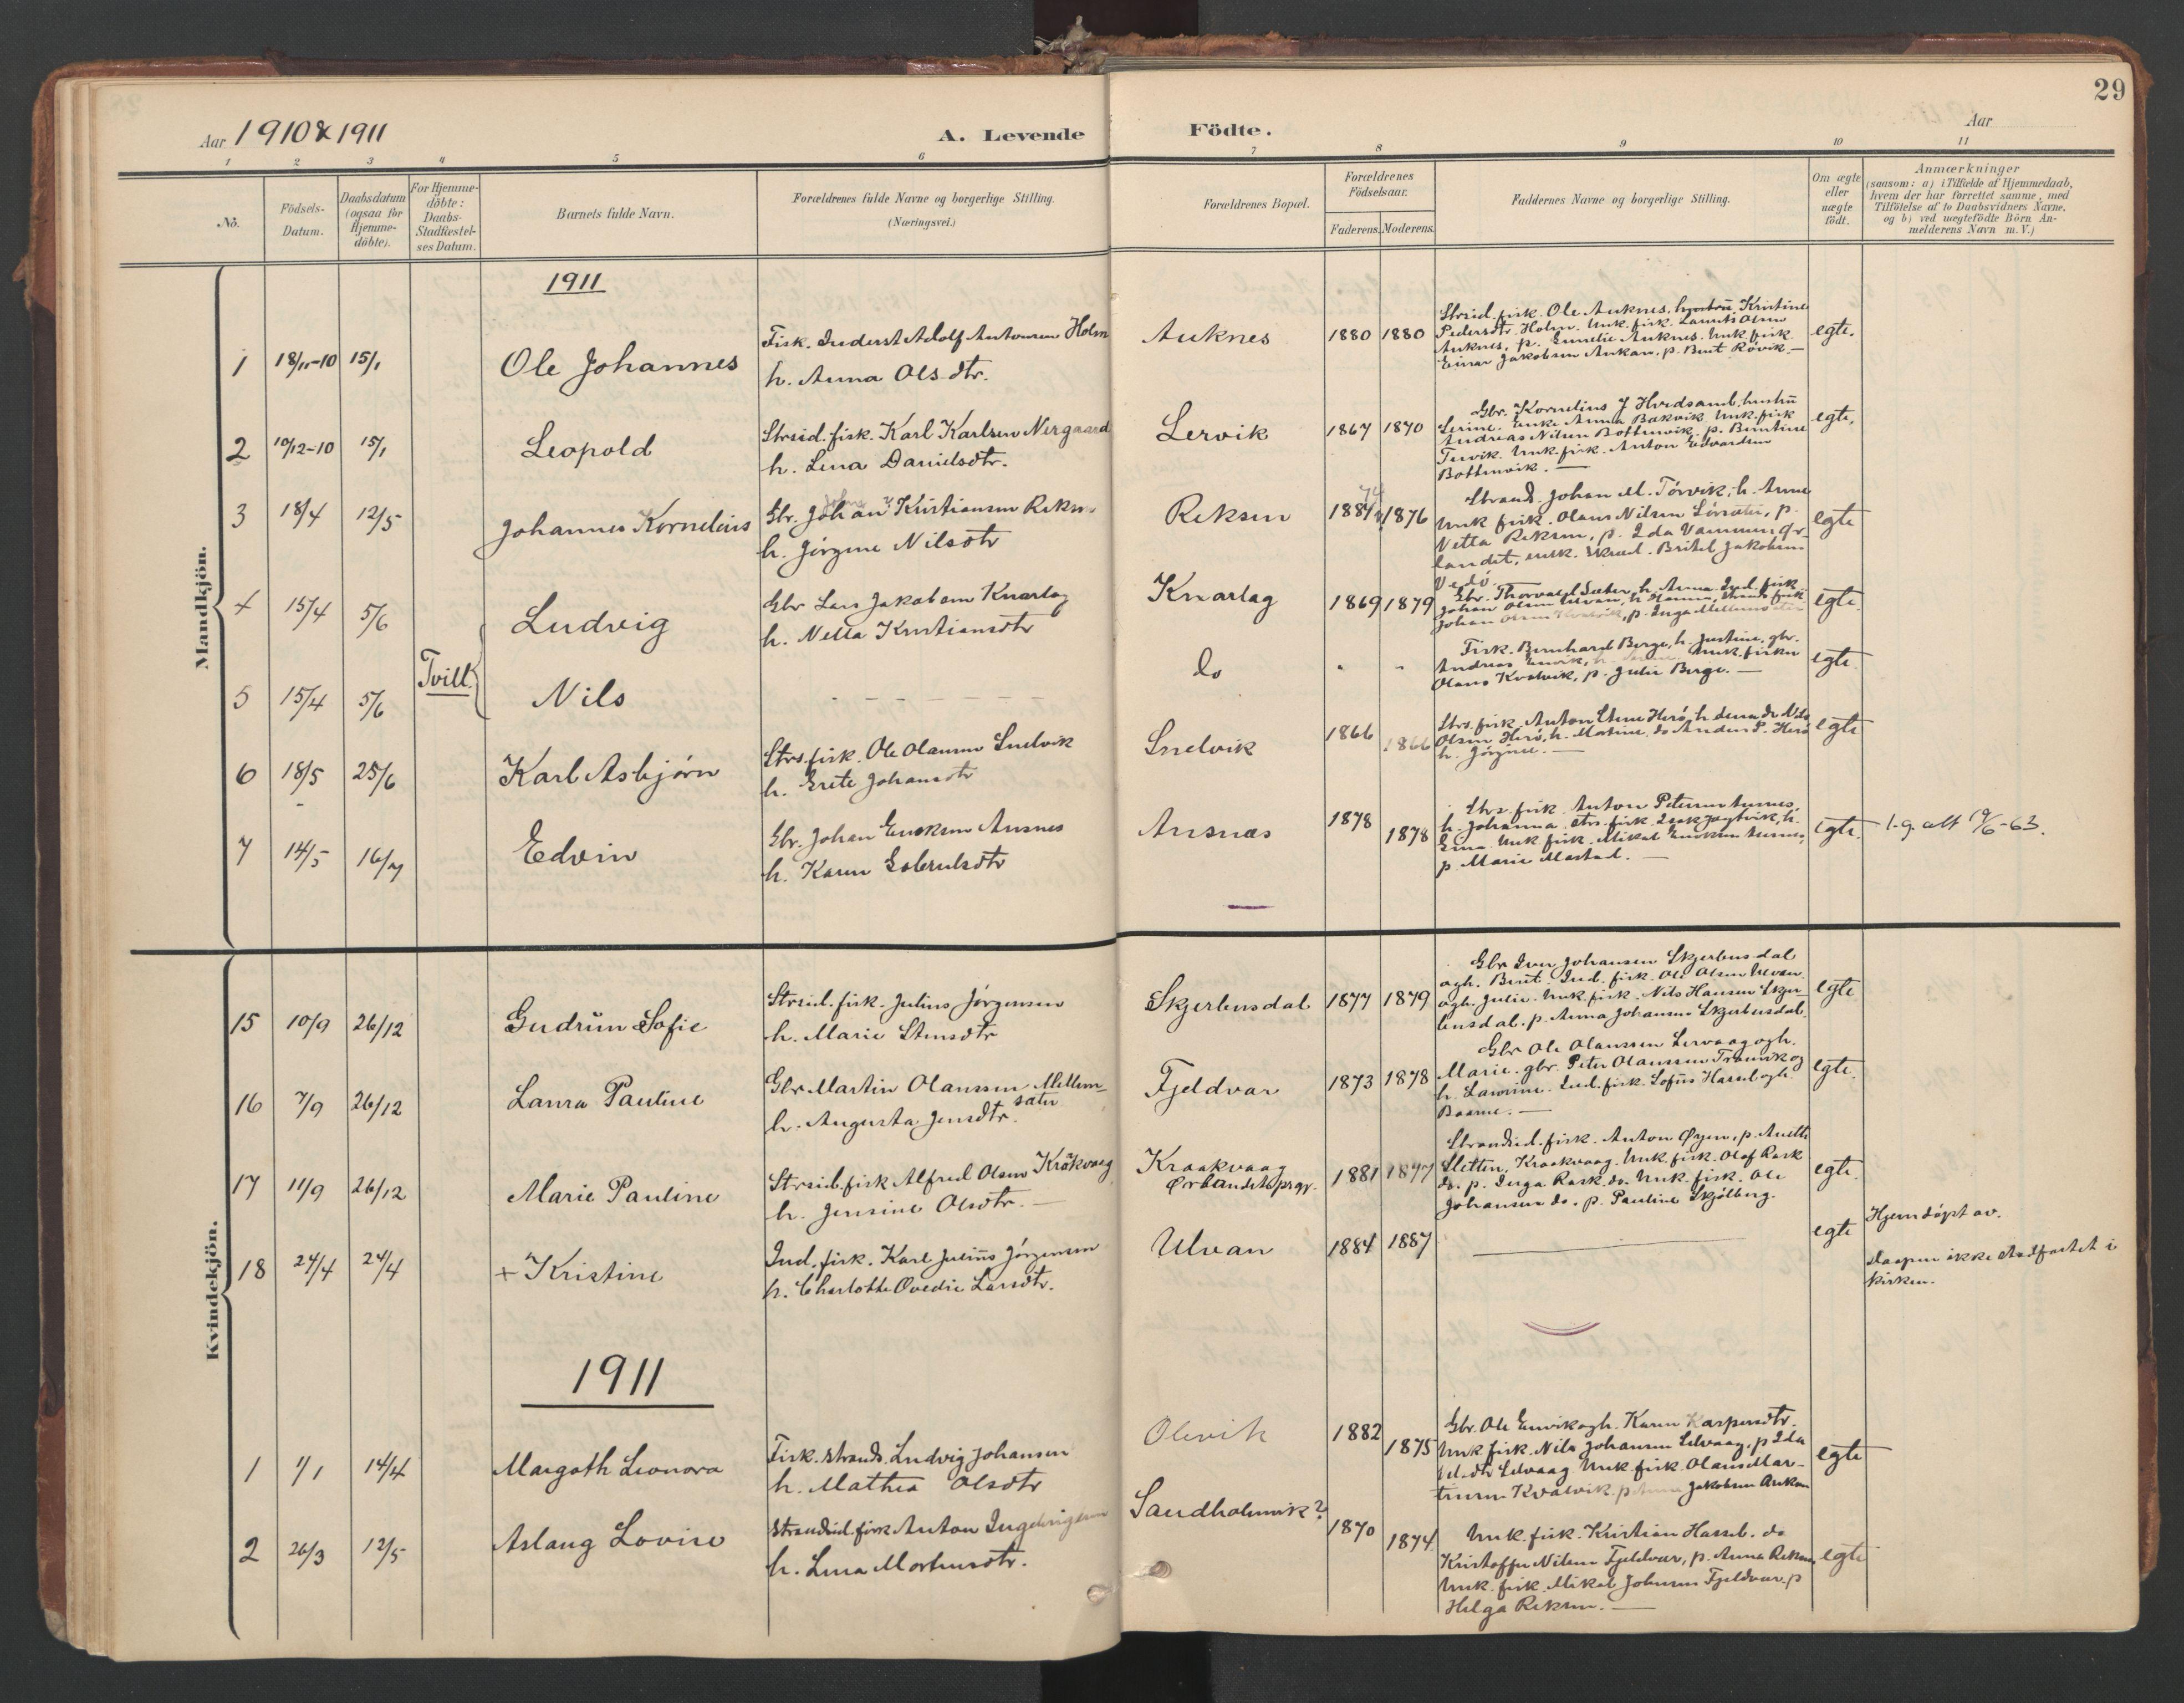 SAT, Ministerialprotokoller, klokkerbøker og fødselsregistre - Sør-Trøndelag, 638/L0568: Ministerialbok nr. 638A01, 1901-1916, s. 29